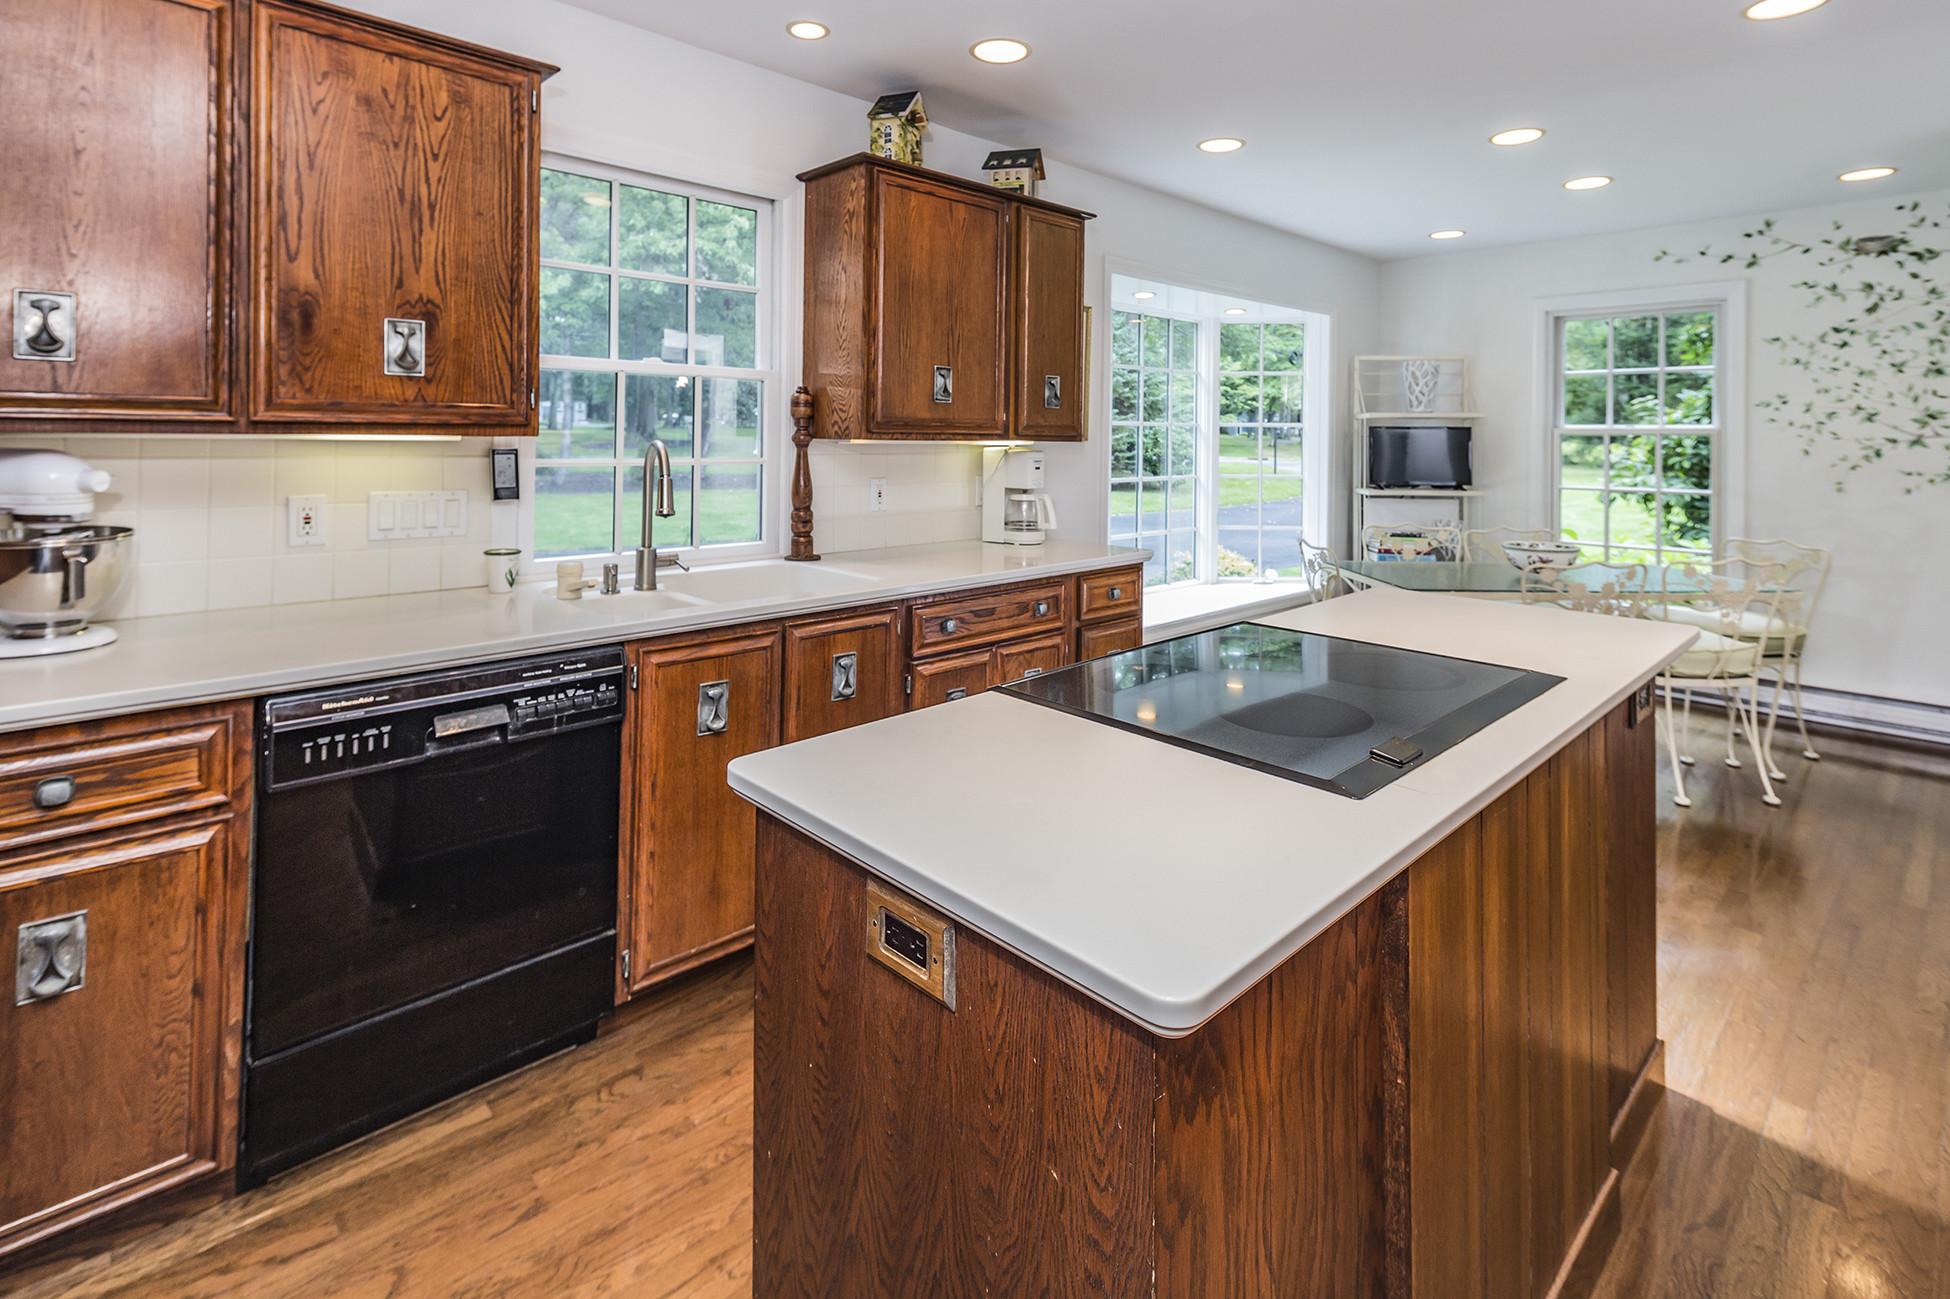 Hardwood Flooring Princeton Nj Of 11 Caroline Dr Princeton Nj 08540 Realestate Com Intended for is2nexl4jhf3o01000000000